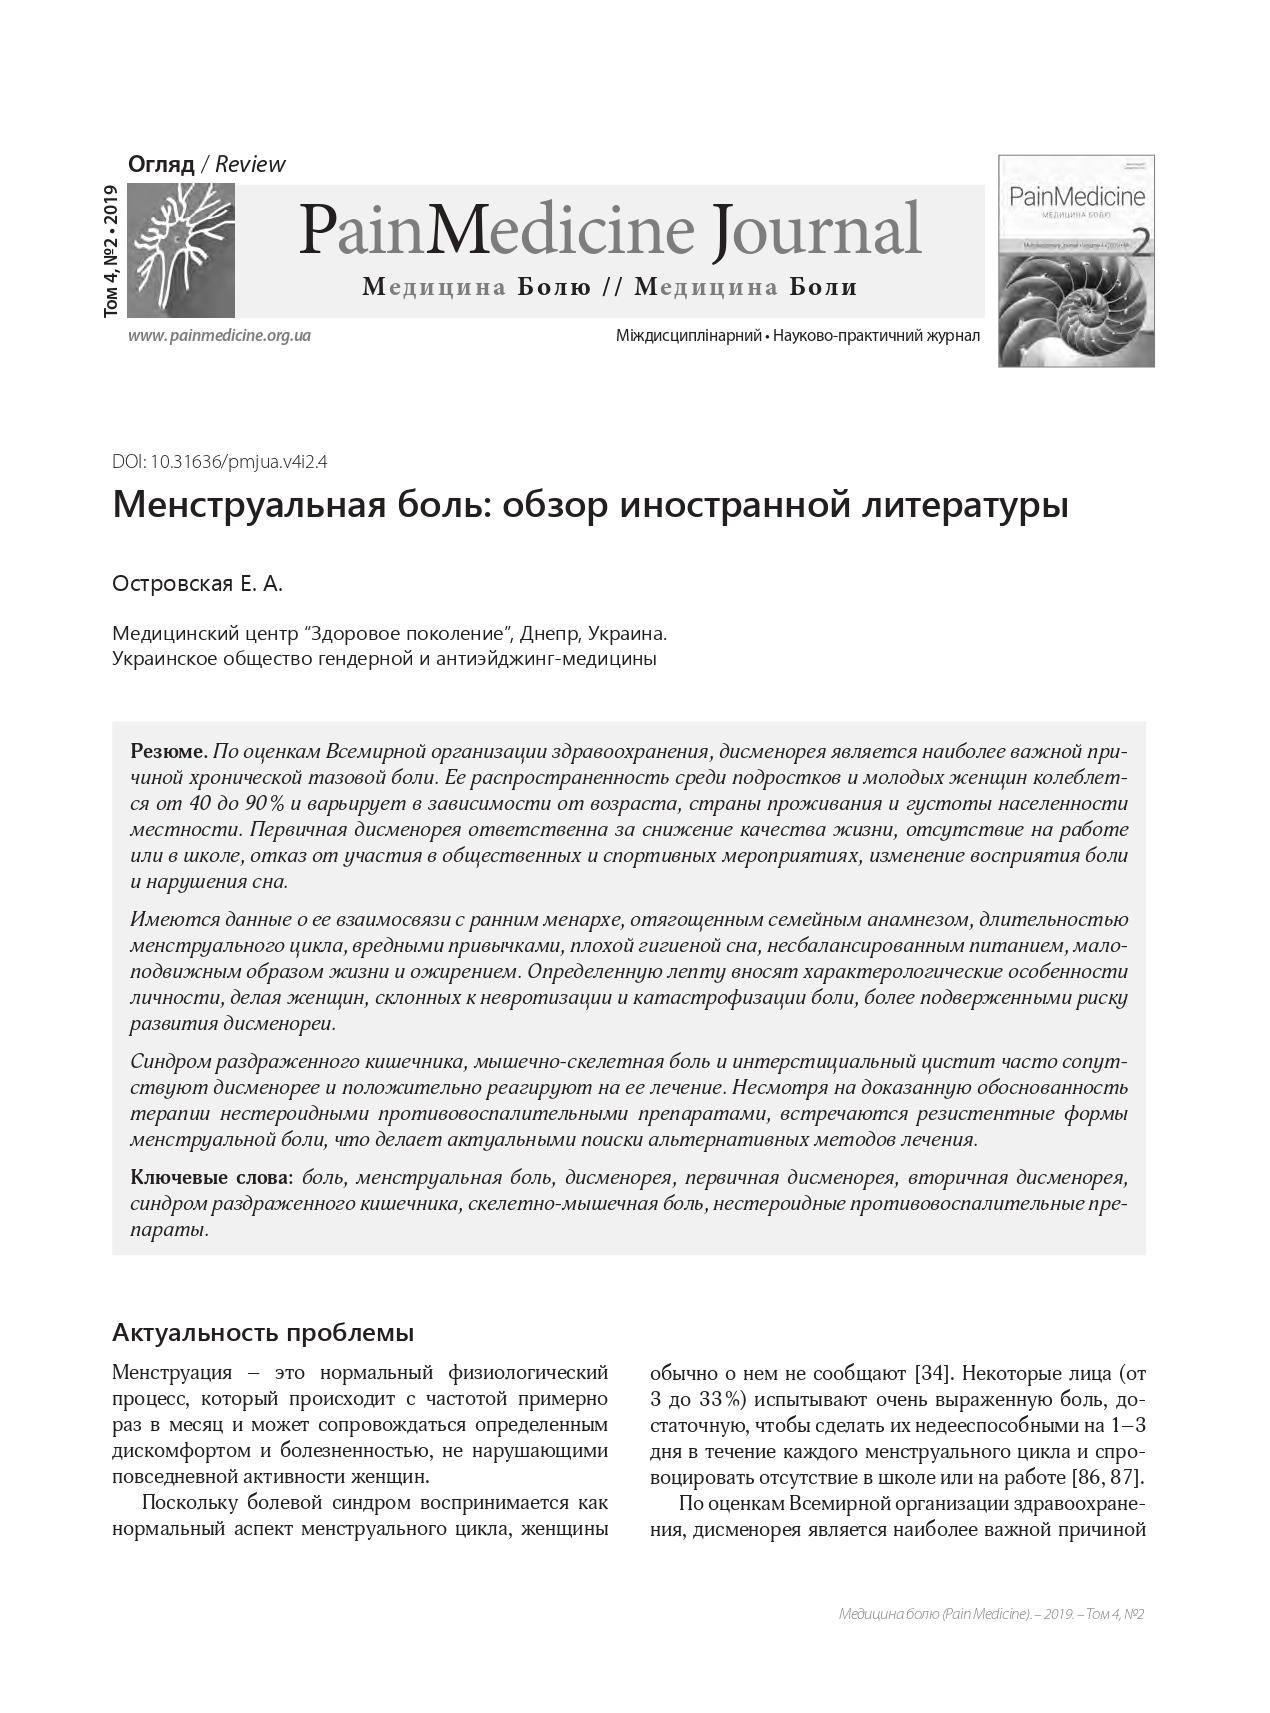 Менструальная боль: обзор иностранной литературы